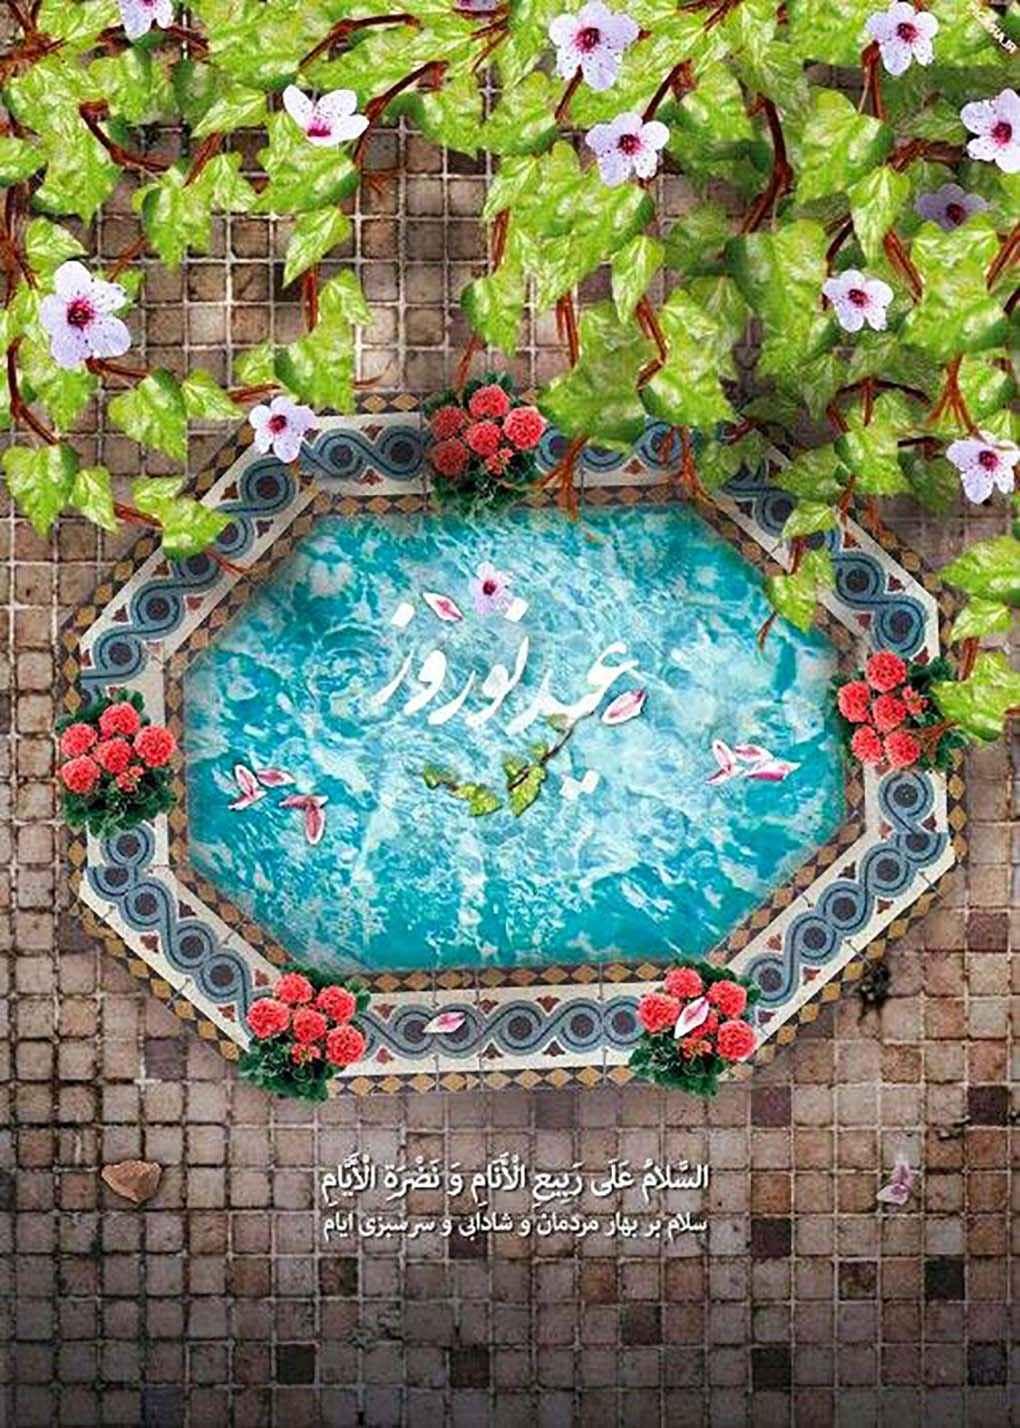 پروفایل تبریک عید نوروز به برادر , عکس با کیفیت عید نوروز , عکس نوشته طنز تبریک عید نوروز